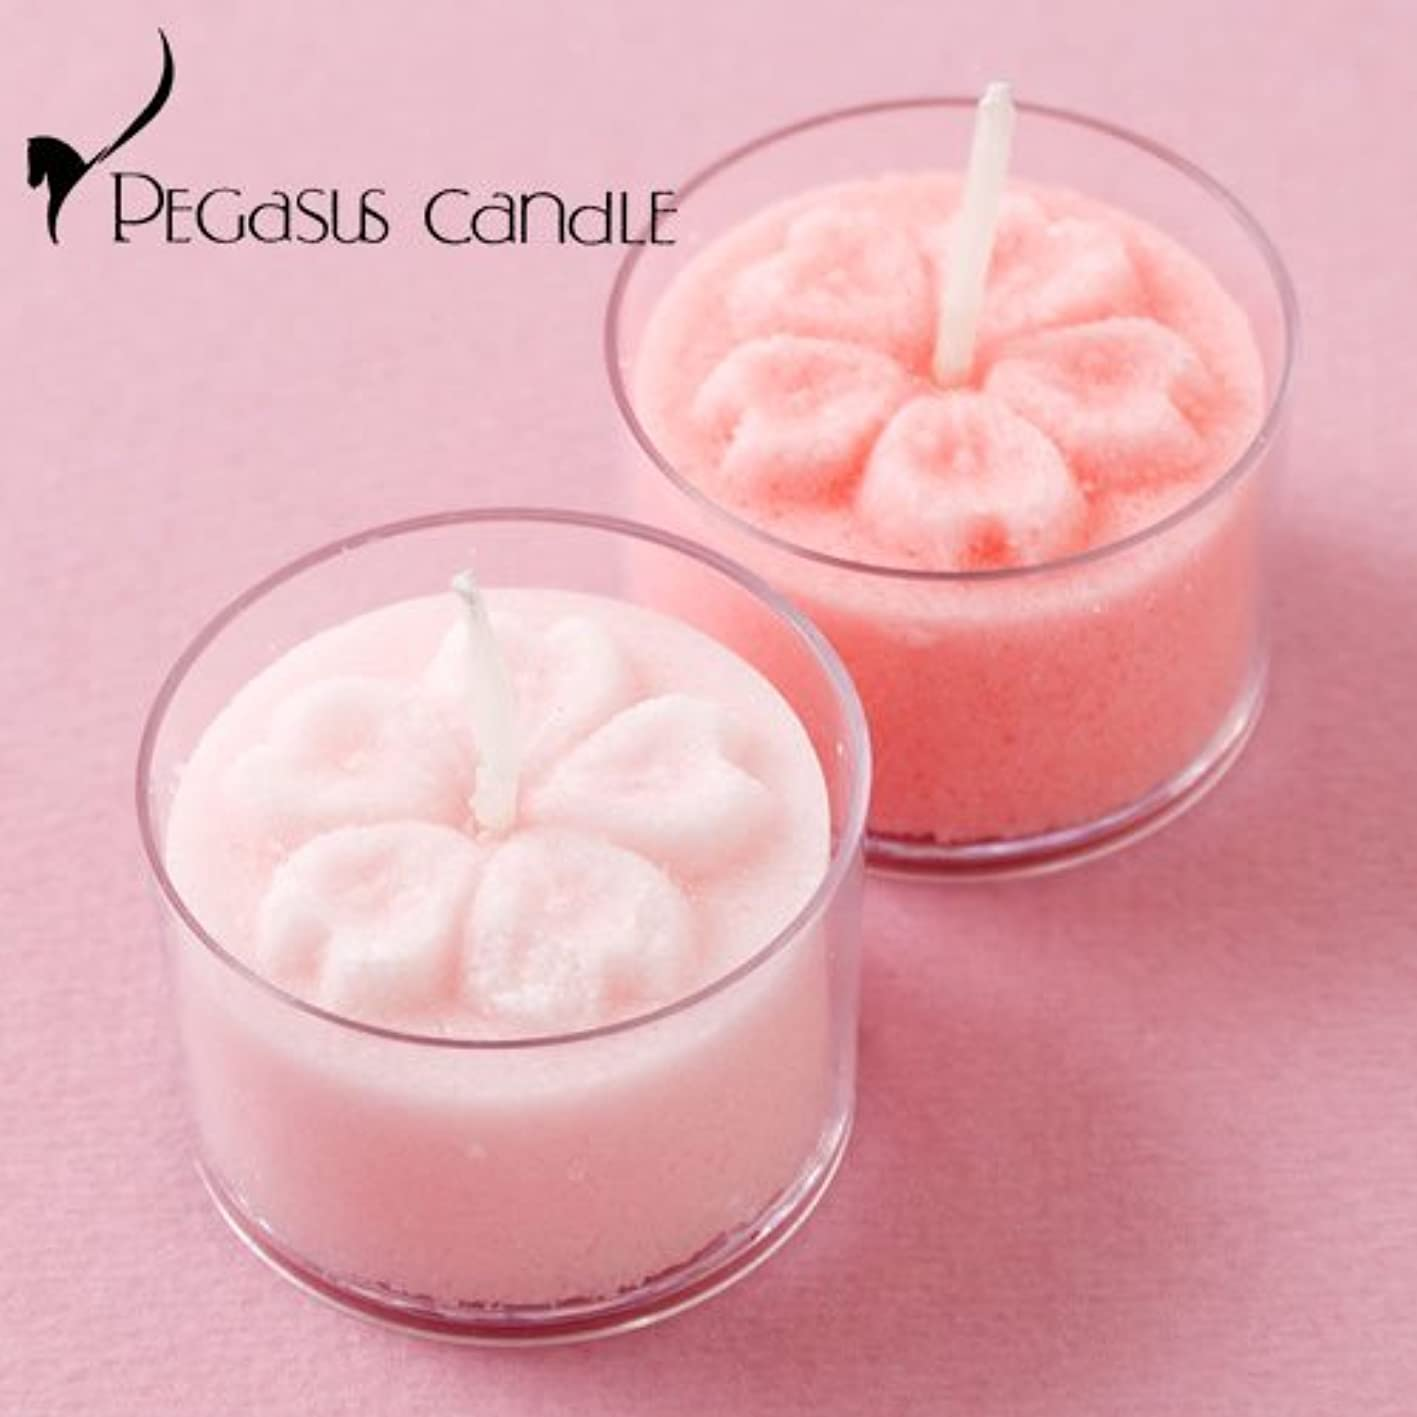 トリップグリーンランド操作可能花暦桜花の形のキャンドル2個セット(無香タイプ)ペガサスキャンドルFlower shaped candle